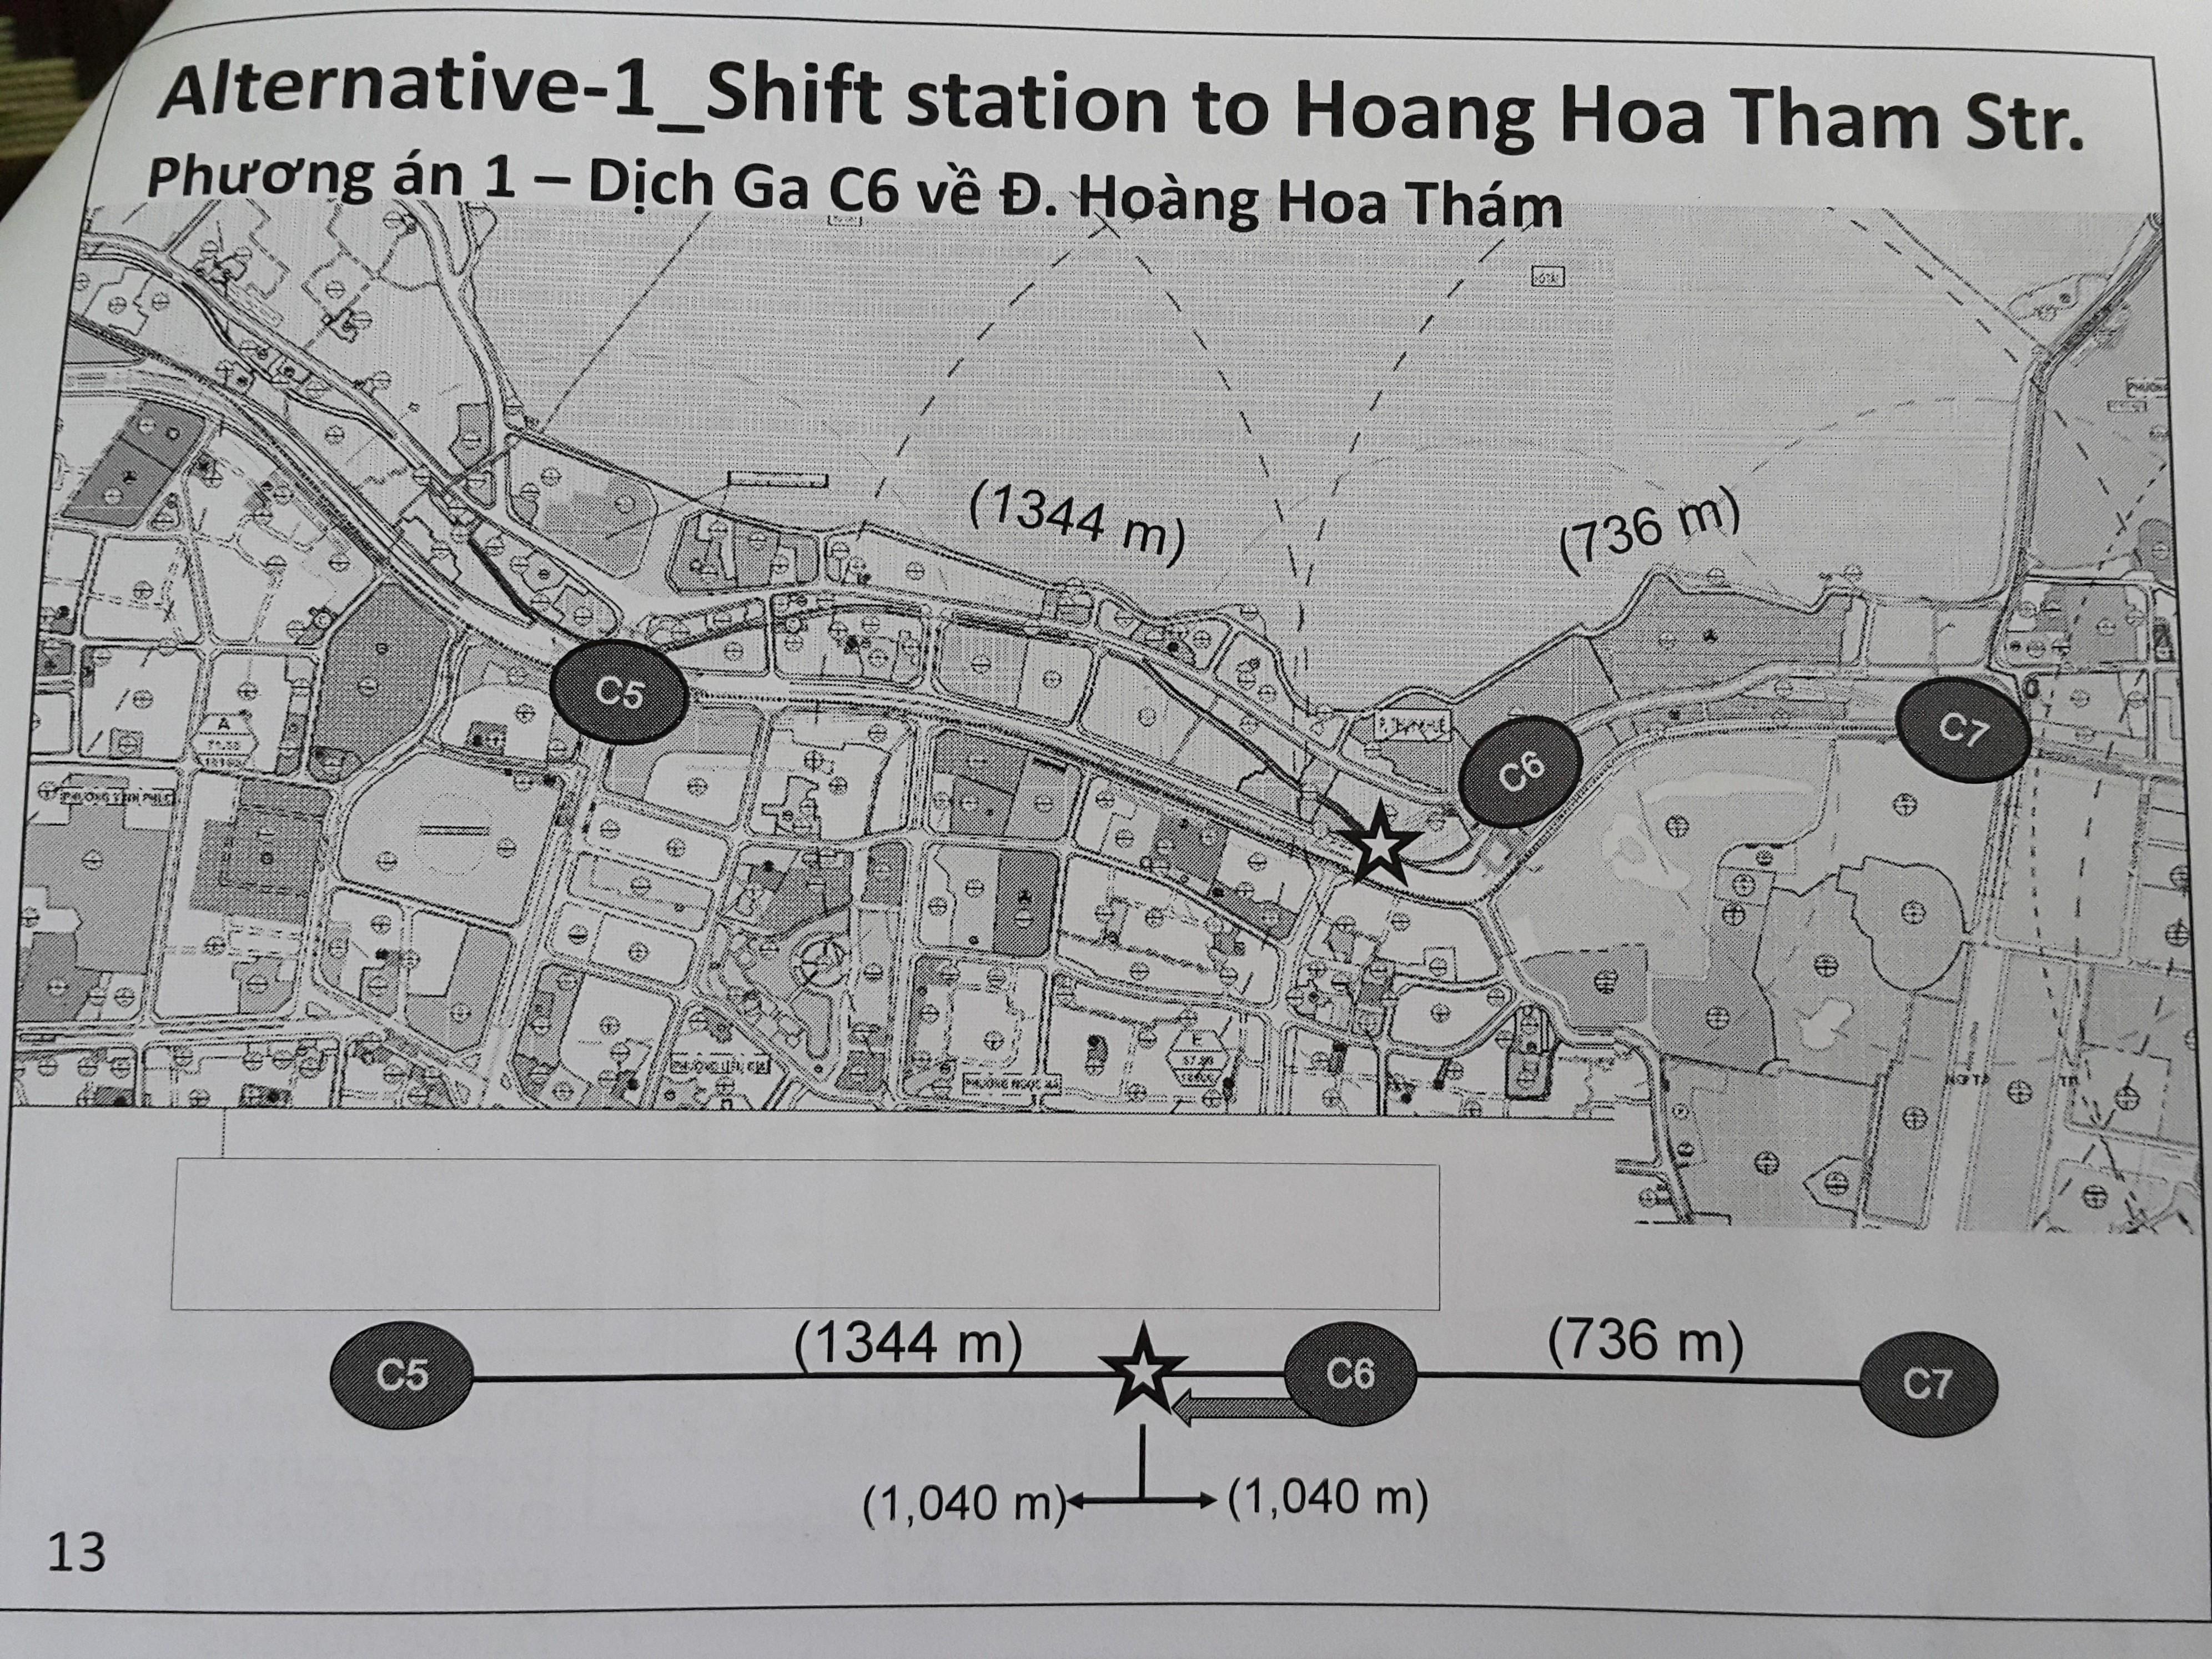 Vị trí trên đường Thụy Khuê dự kiến sẽ xây dựng ga ngầm C6.